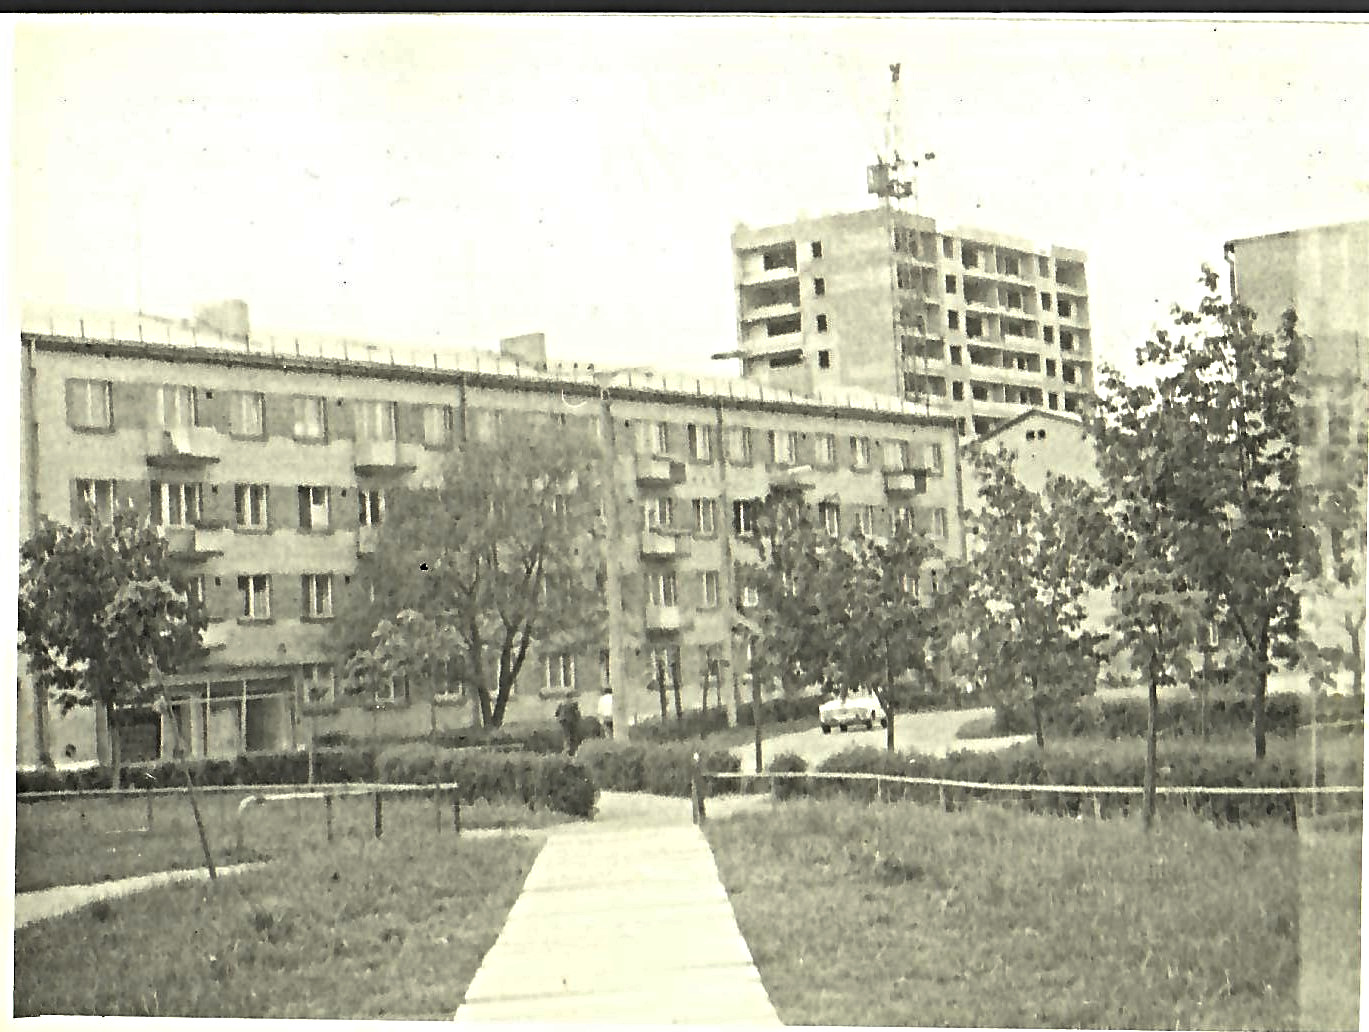 Skats uz ciematu no transformatora puses 1980.gadā. (Foto no V.Kārkliņa arhīva)